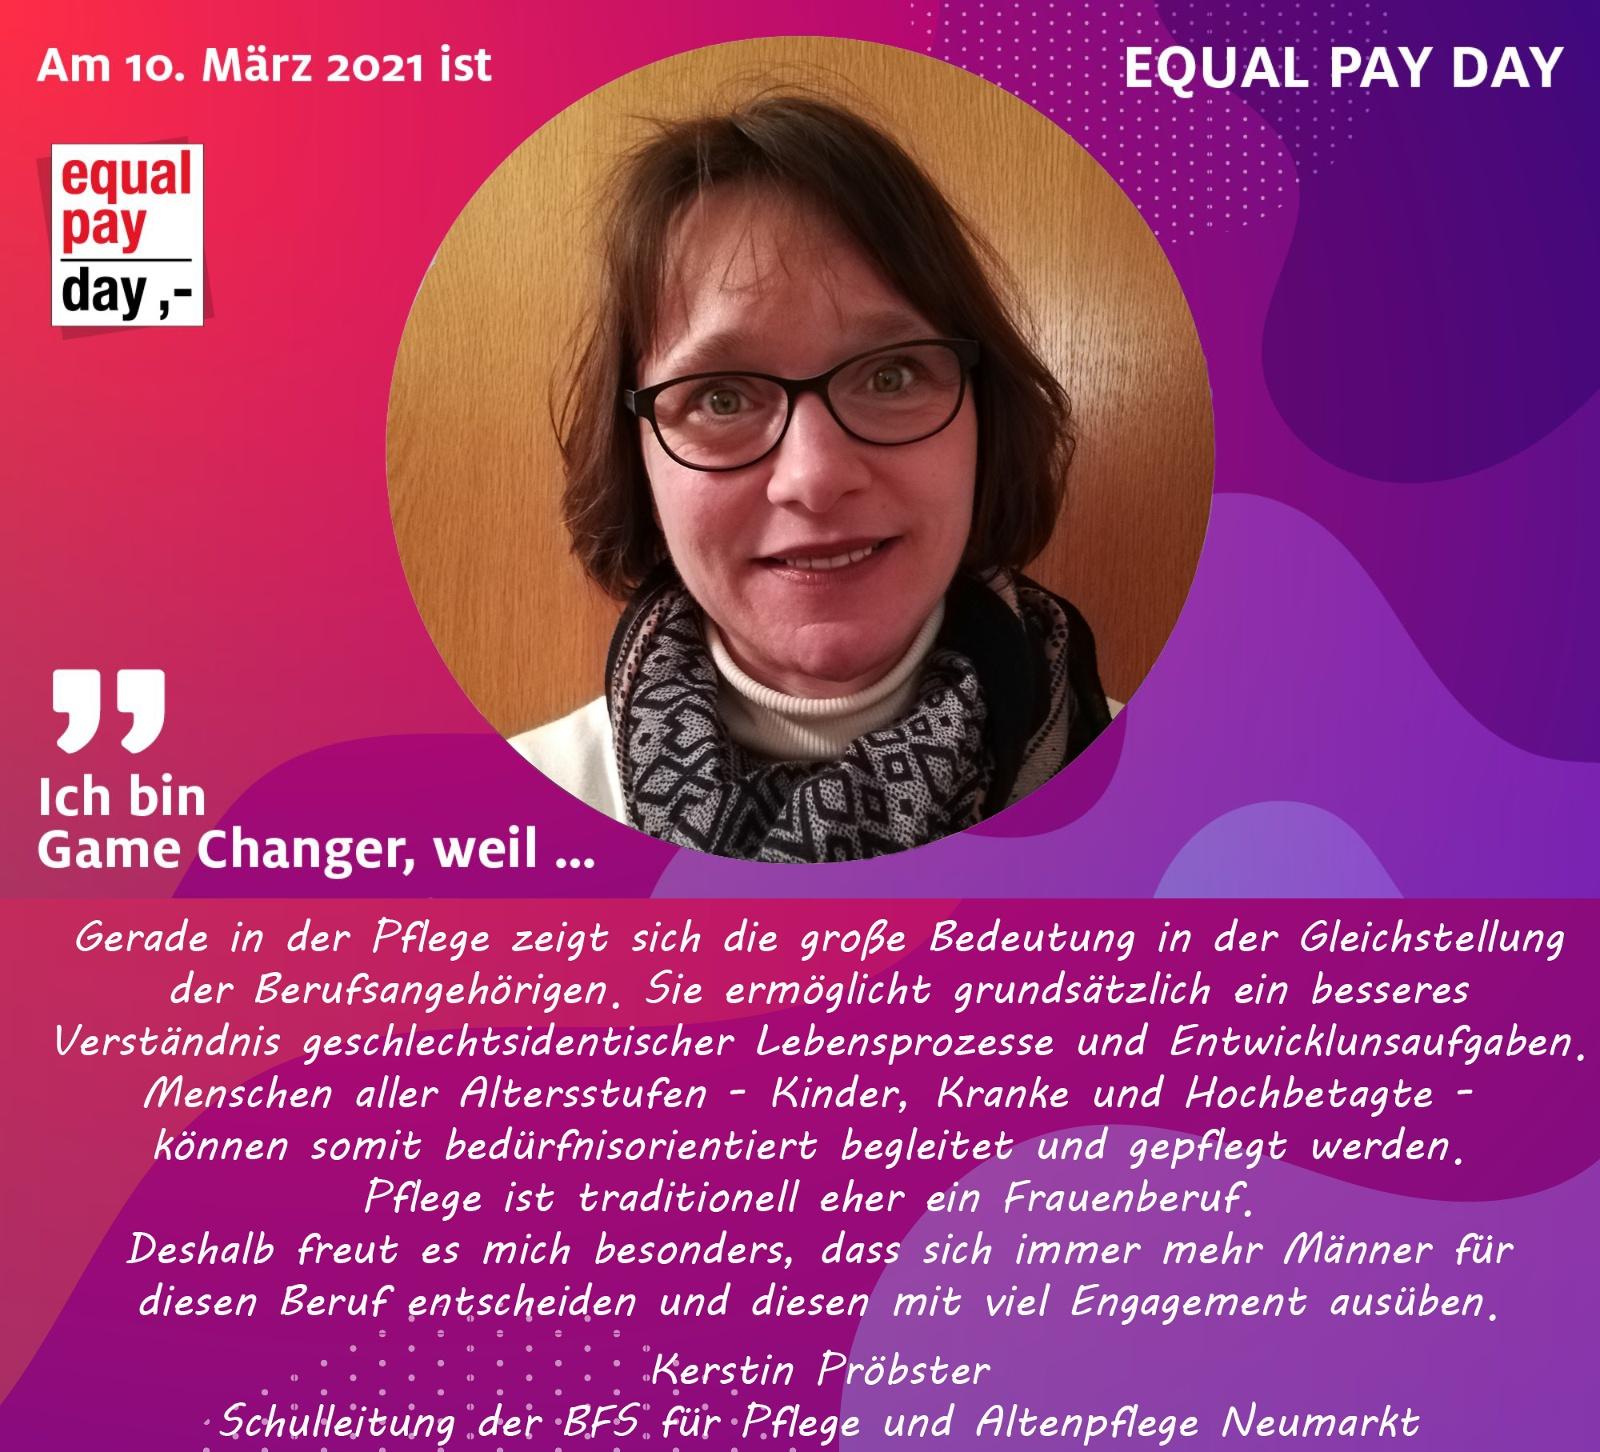 Mitmachaktion Equal Pay Day Kerstin Pröbster, Schulleitung der BFS für Pflege und Altenpflege Neumarkt